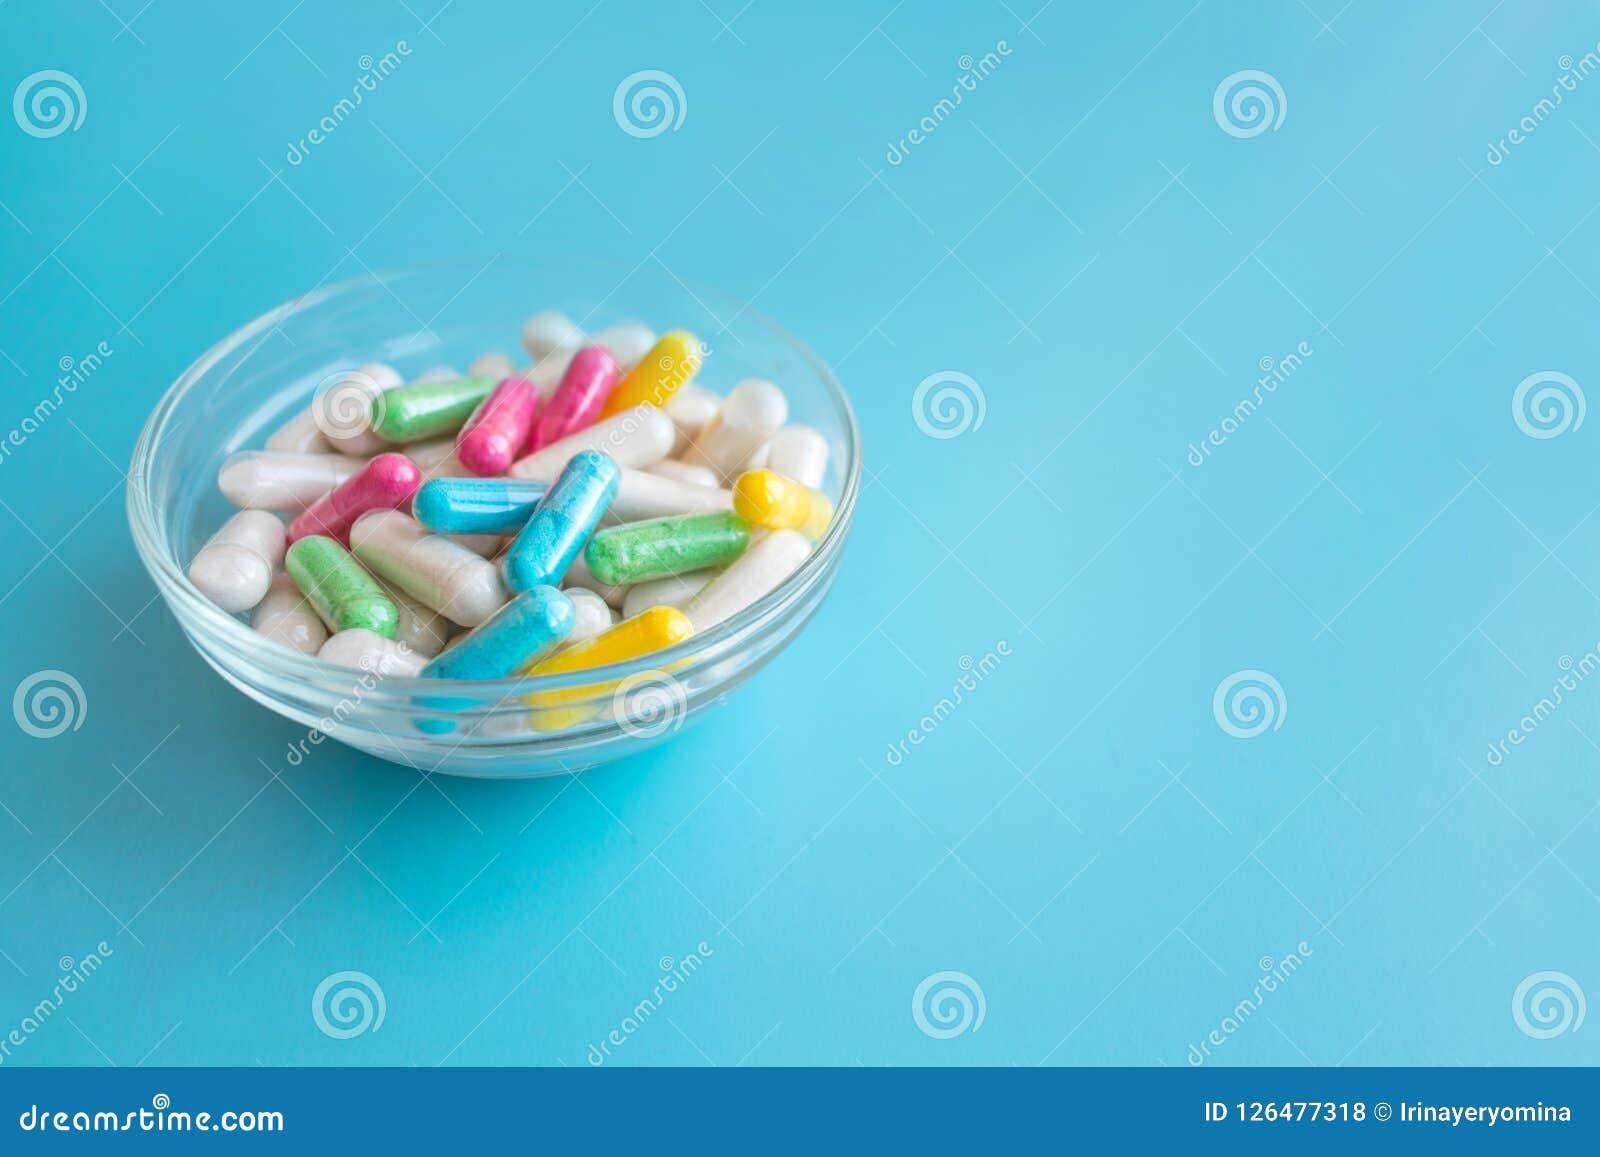 Nootropics Smart Drugs Cognitive Enhancers Compounds Enhance